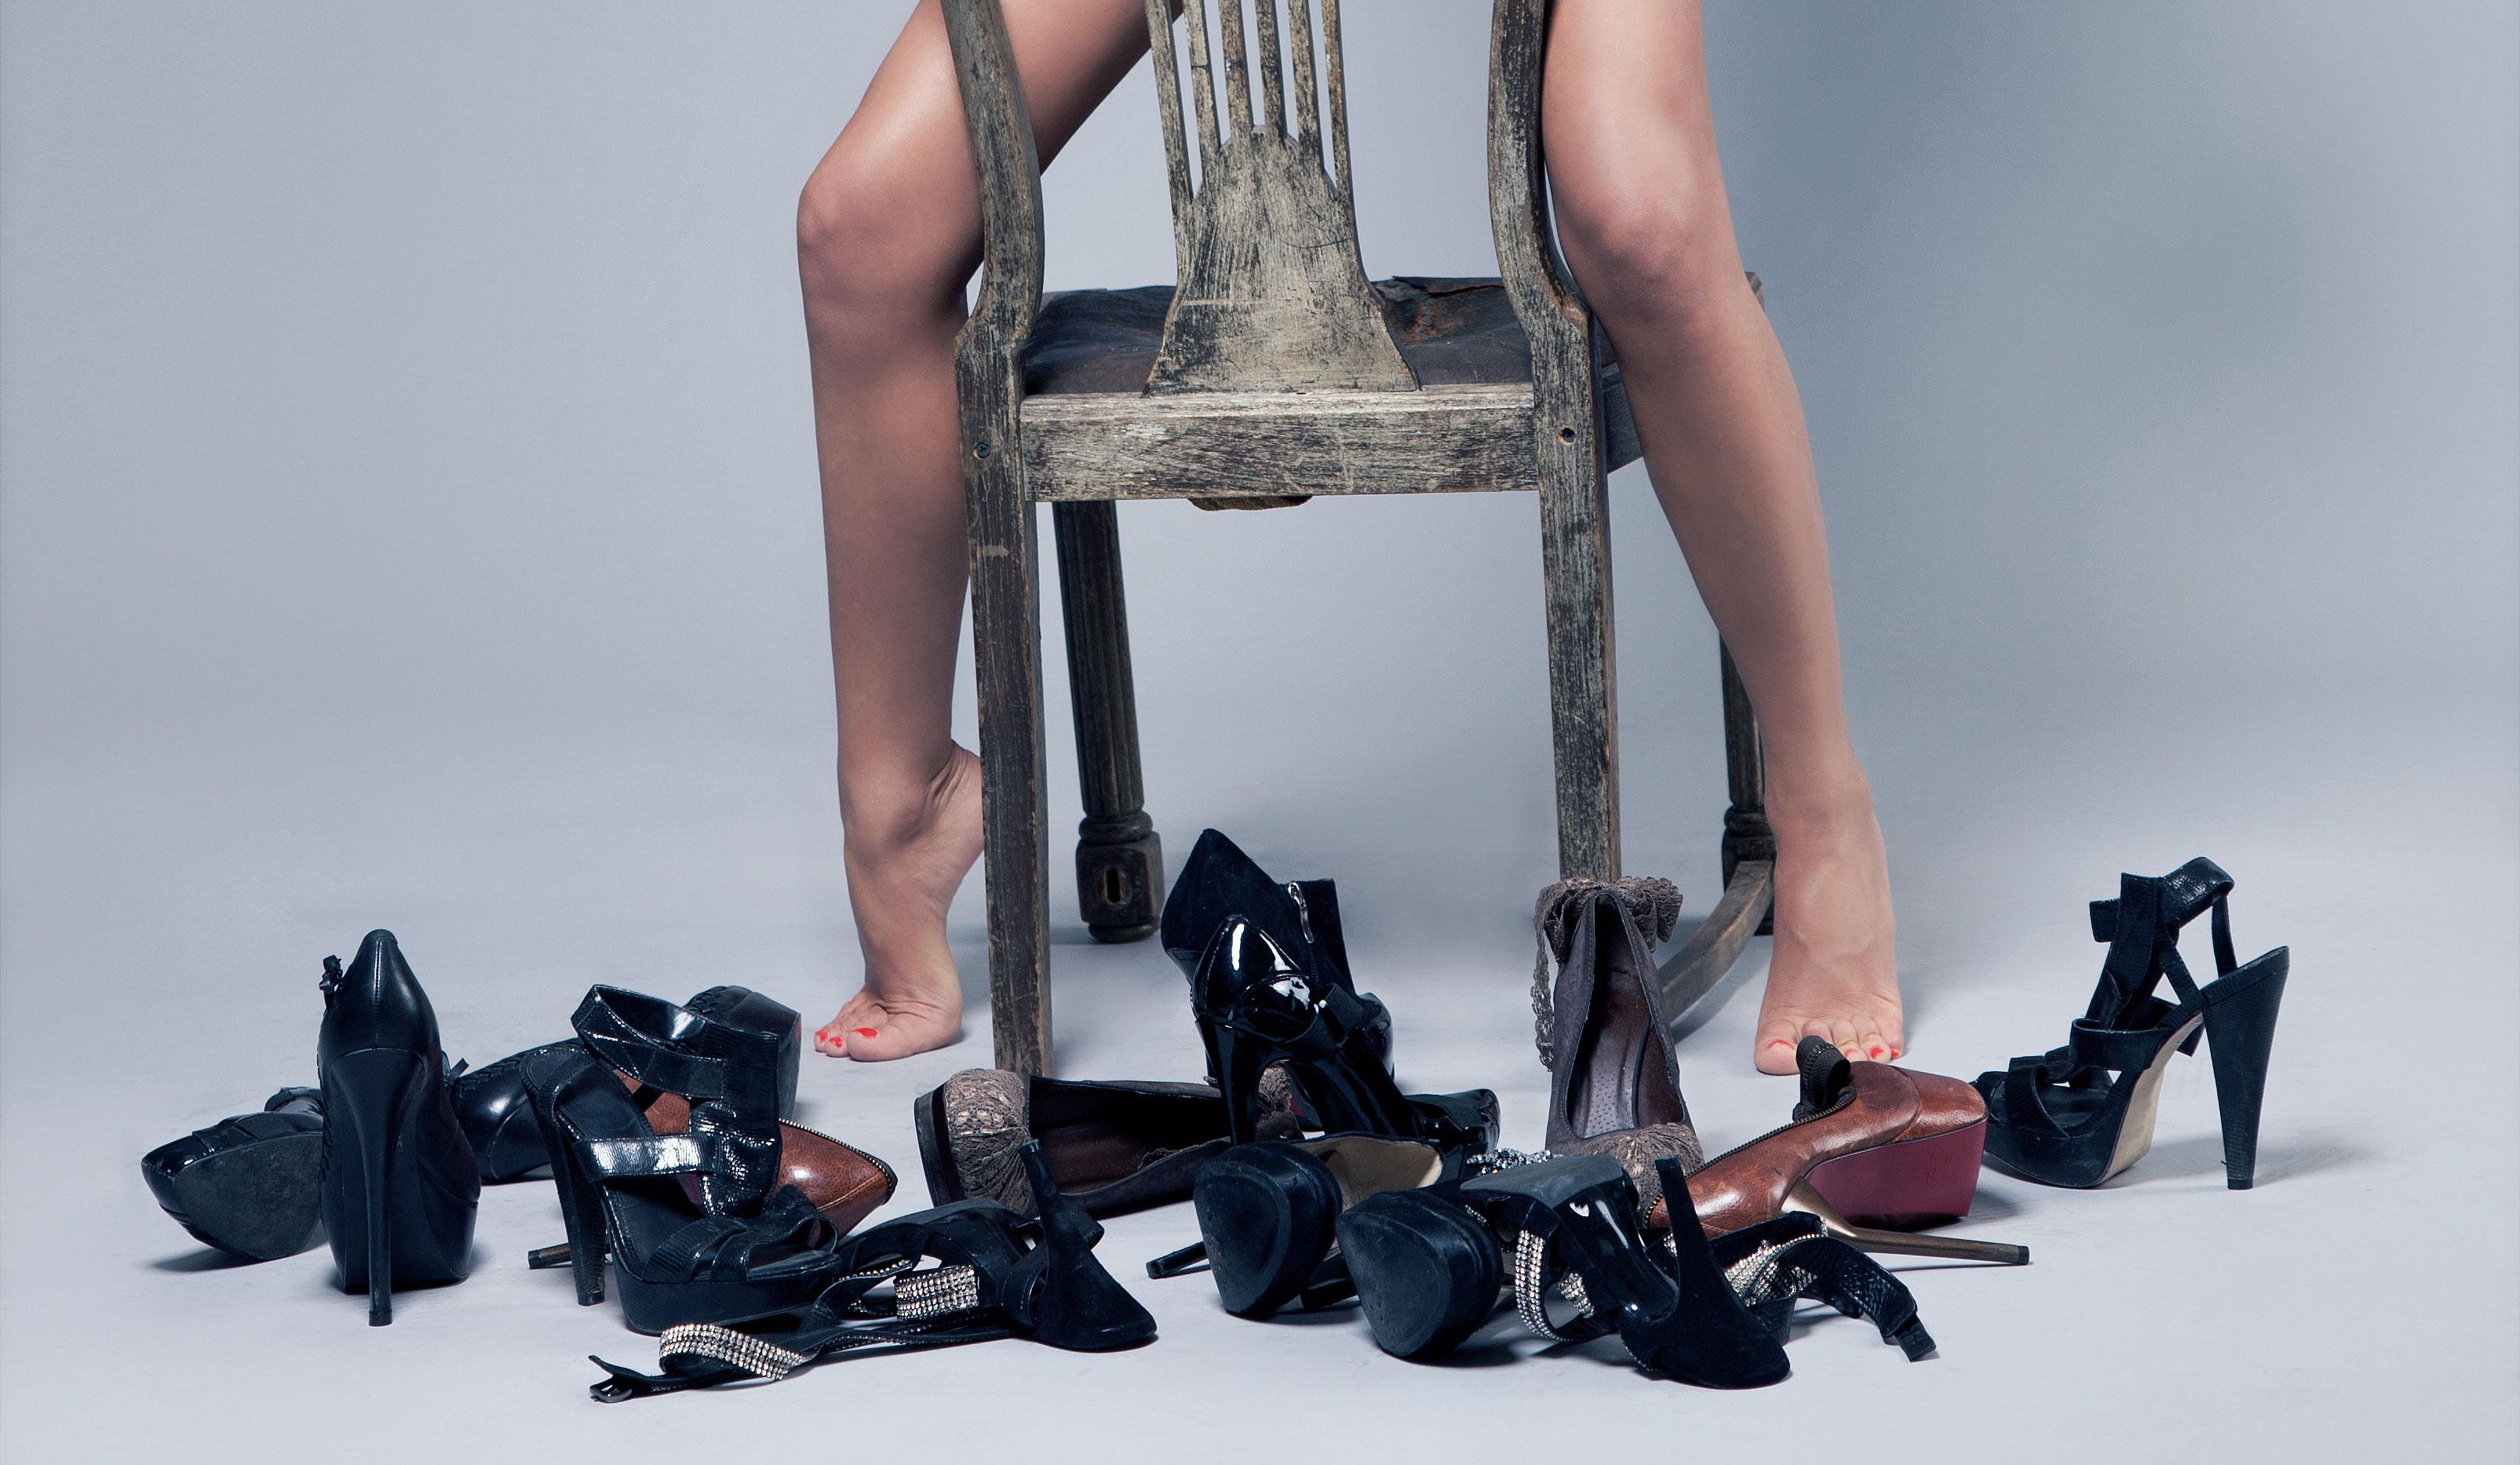 How to choose footwear